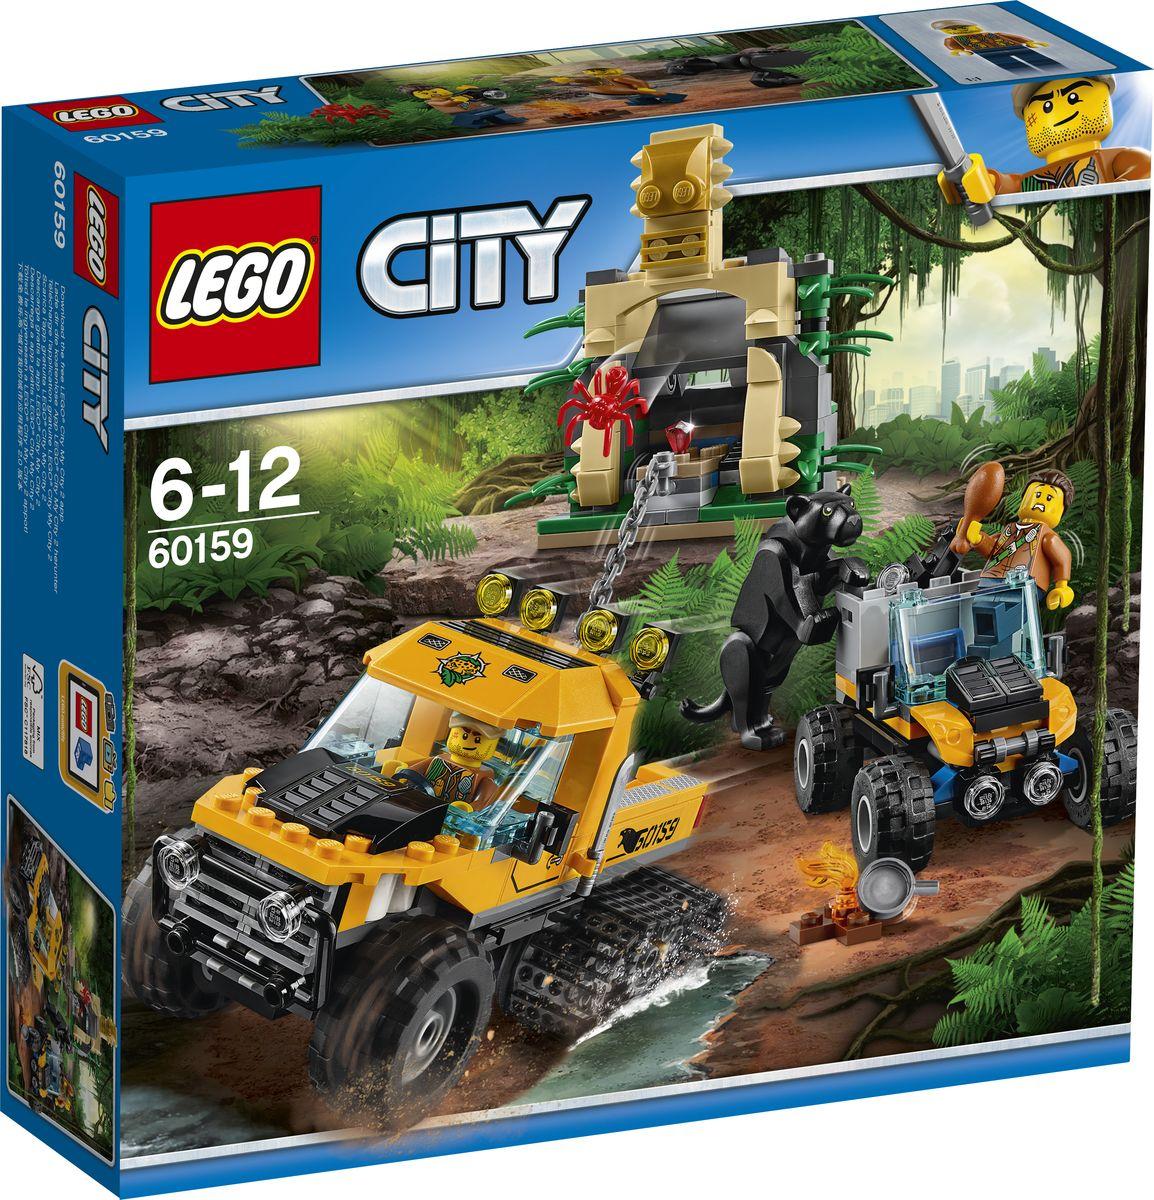 LEGO City Jungle Explorer 60159 Миссия Исследование джунглей Конструктор цена